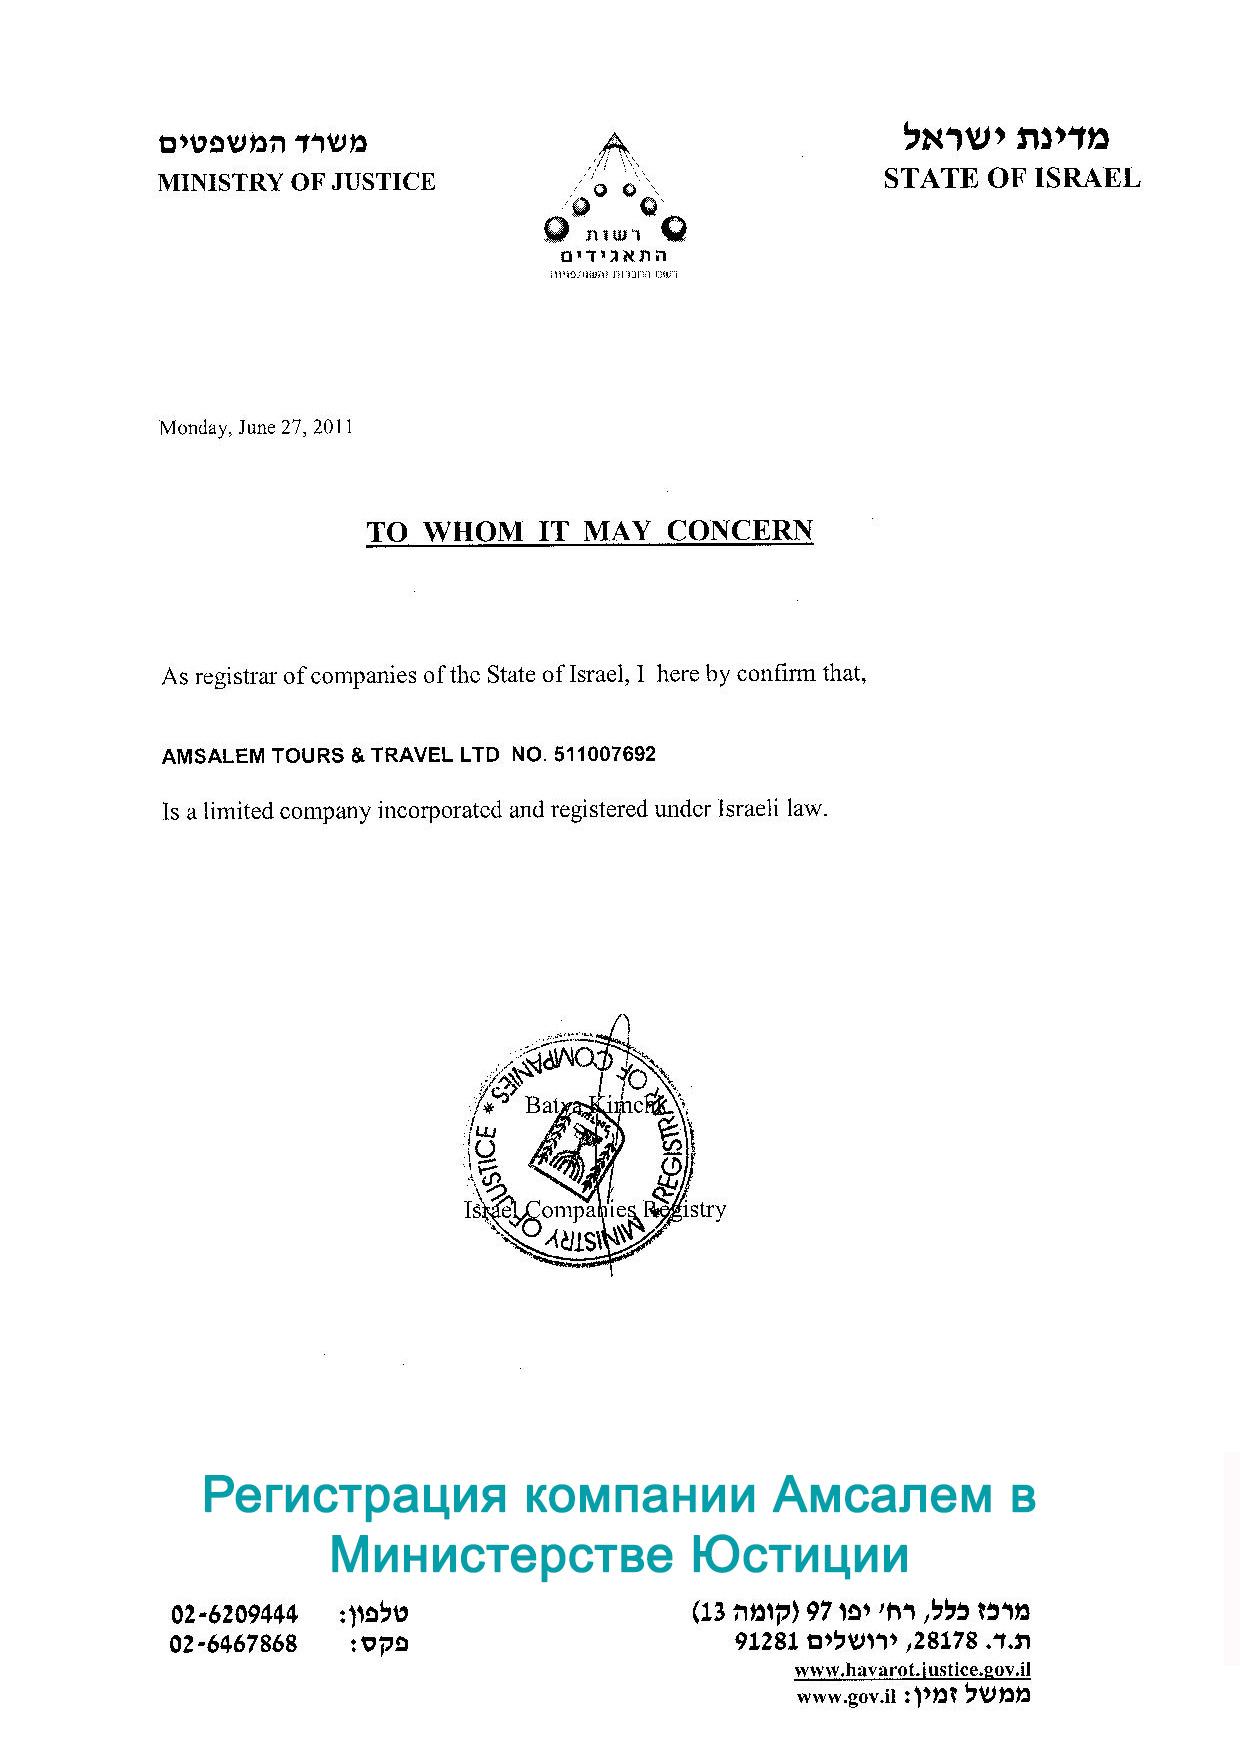 Наша компания официально зарегистрирована в Министерстве Юстиции Израиля